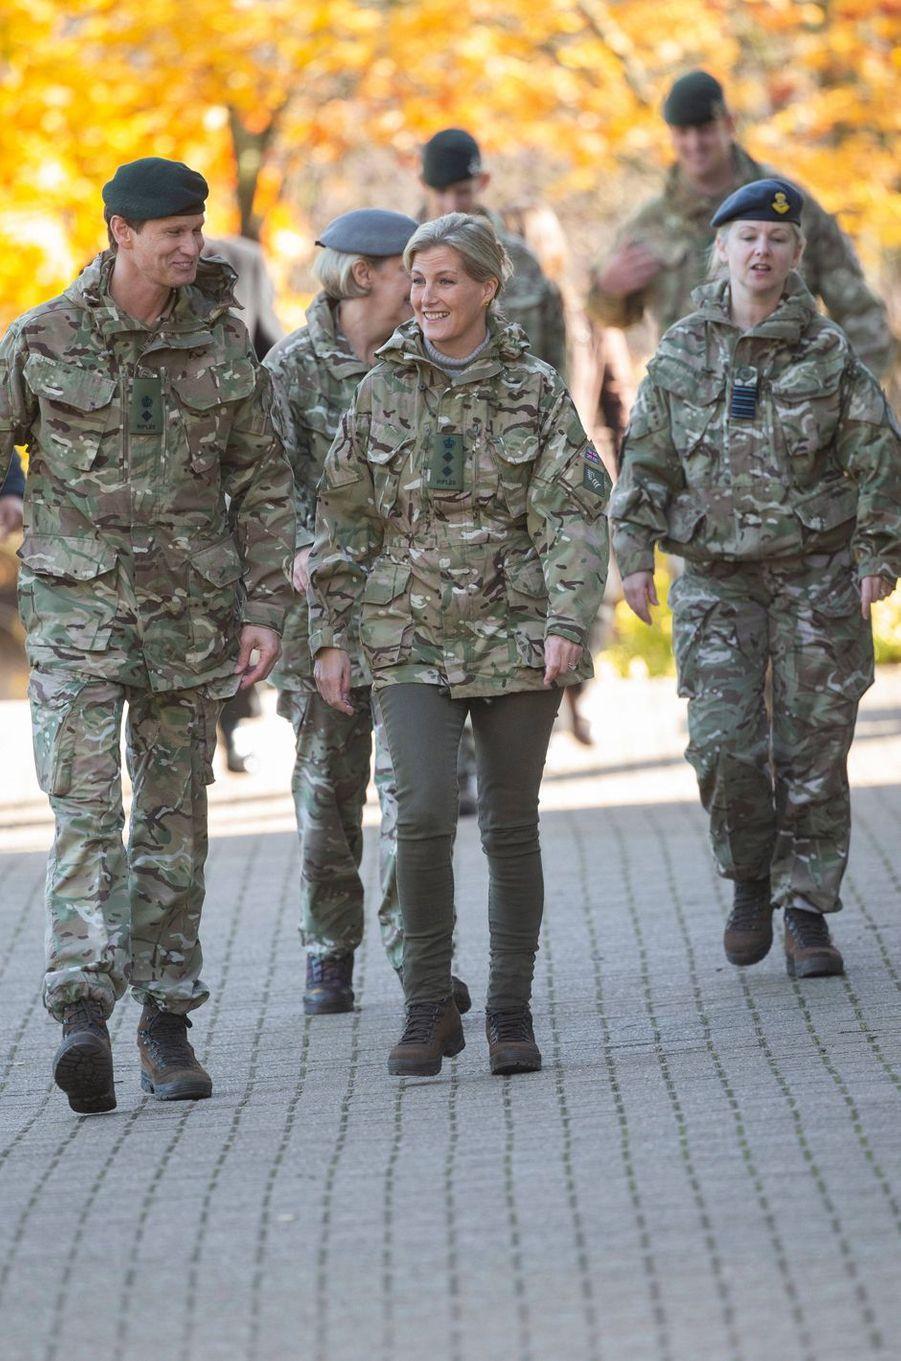 La comtesse Sophie de Wessex, en pantalon kaki et veste de camouflage, à Winchester le 22 octobre 2019